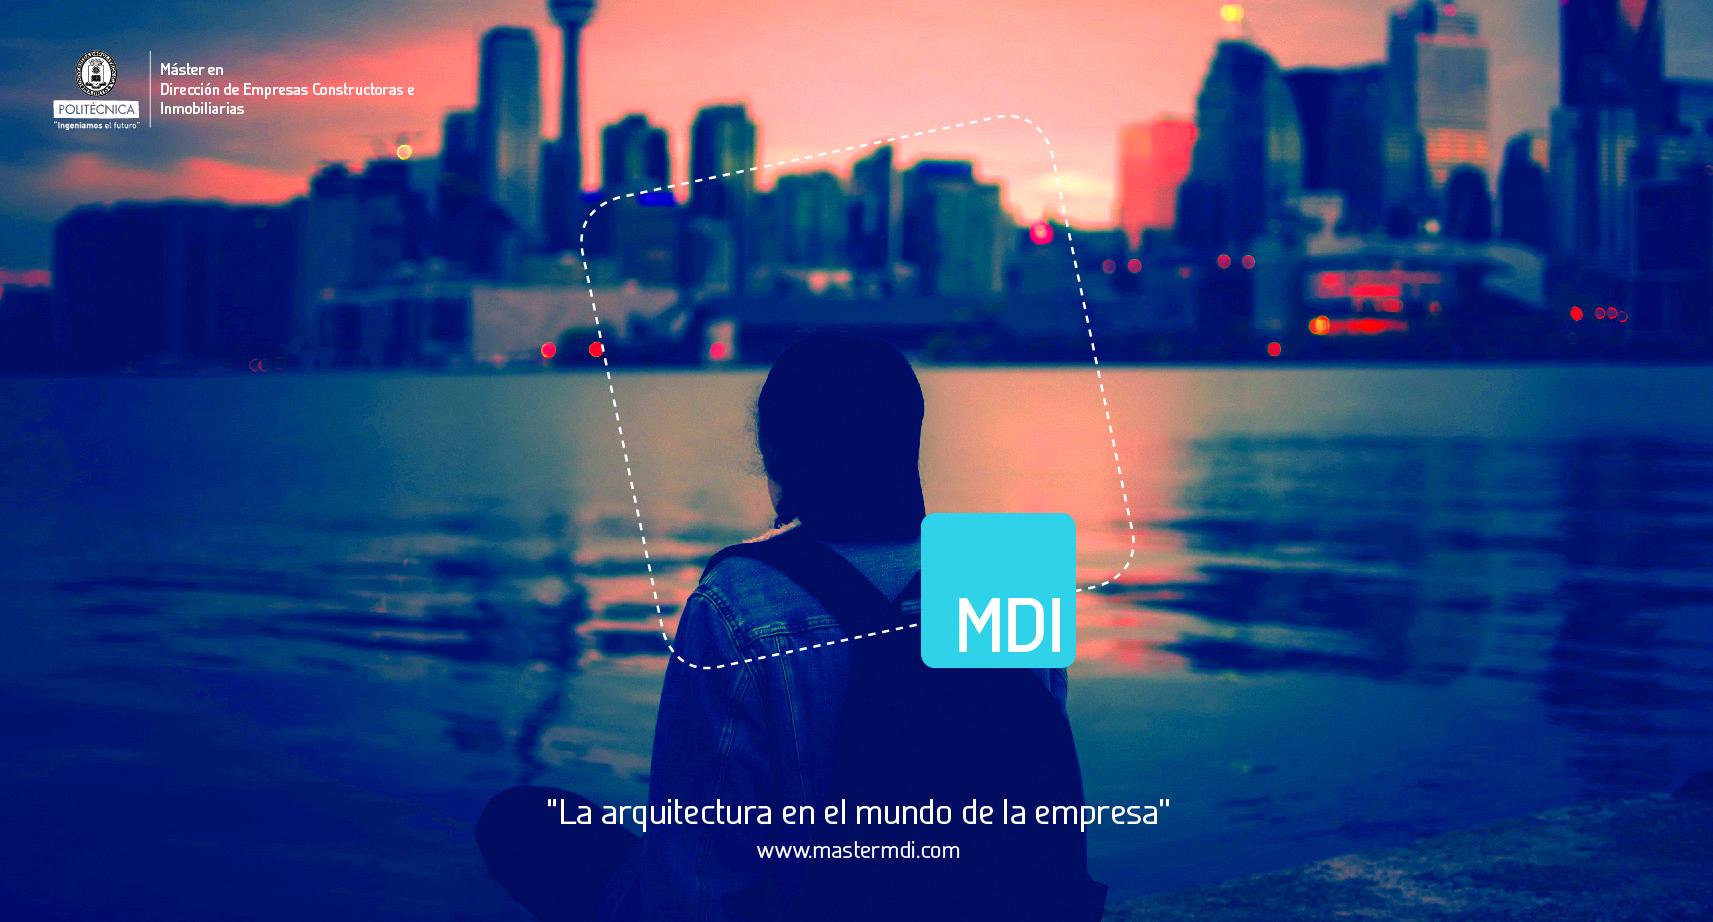 Carteles MDI_PUBLICIDAD 2_A2 3-4 Horizontal copia_A2 3-4 Horizontal copia.jpg